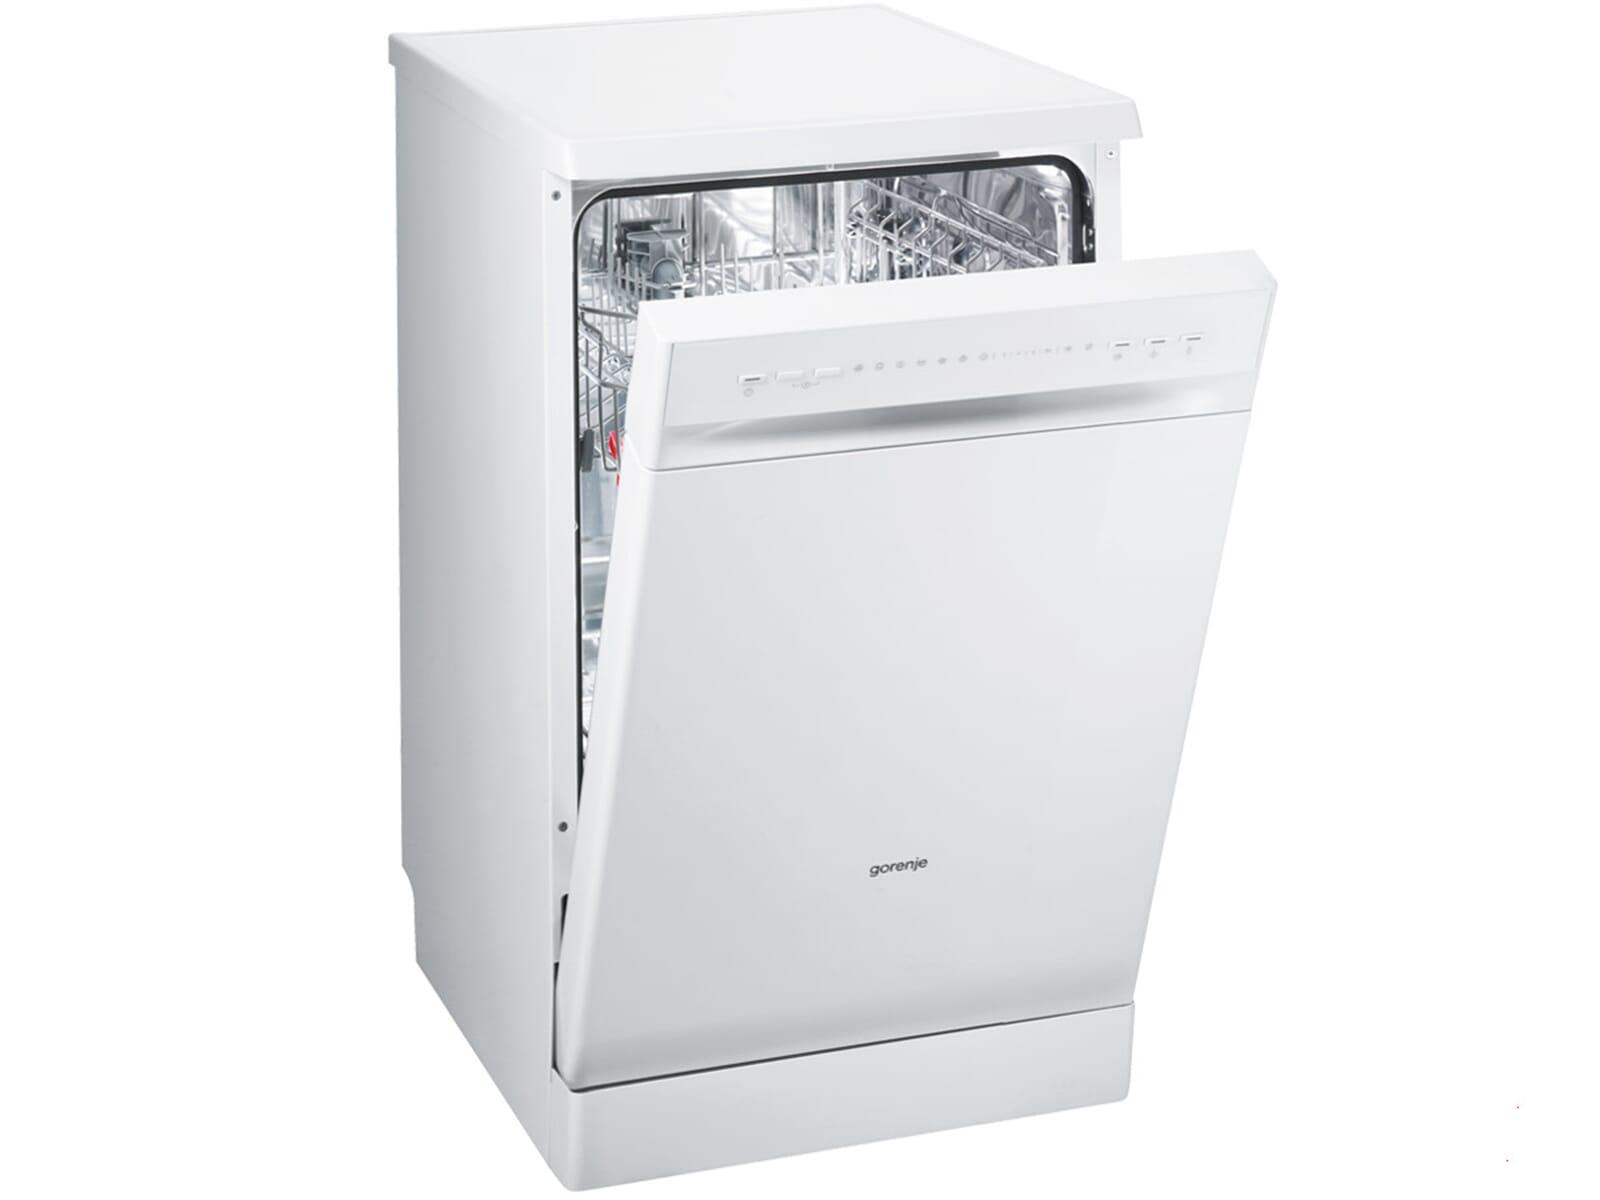 Smeg Kühlschrank Handbuch : Smeg kühl gefrierkombination bedienungsanleitung herrlich smeg